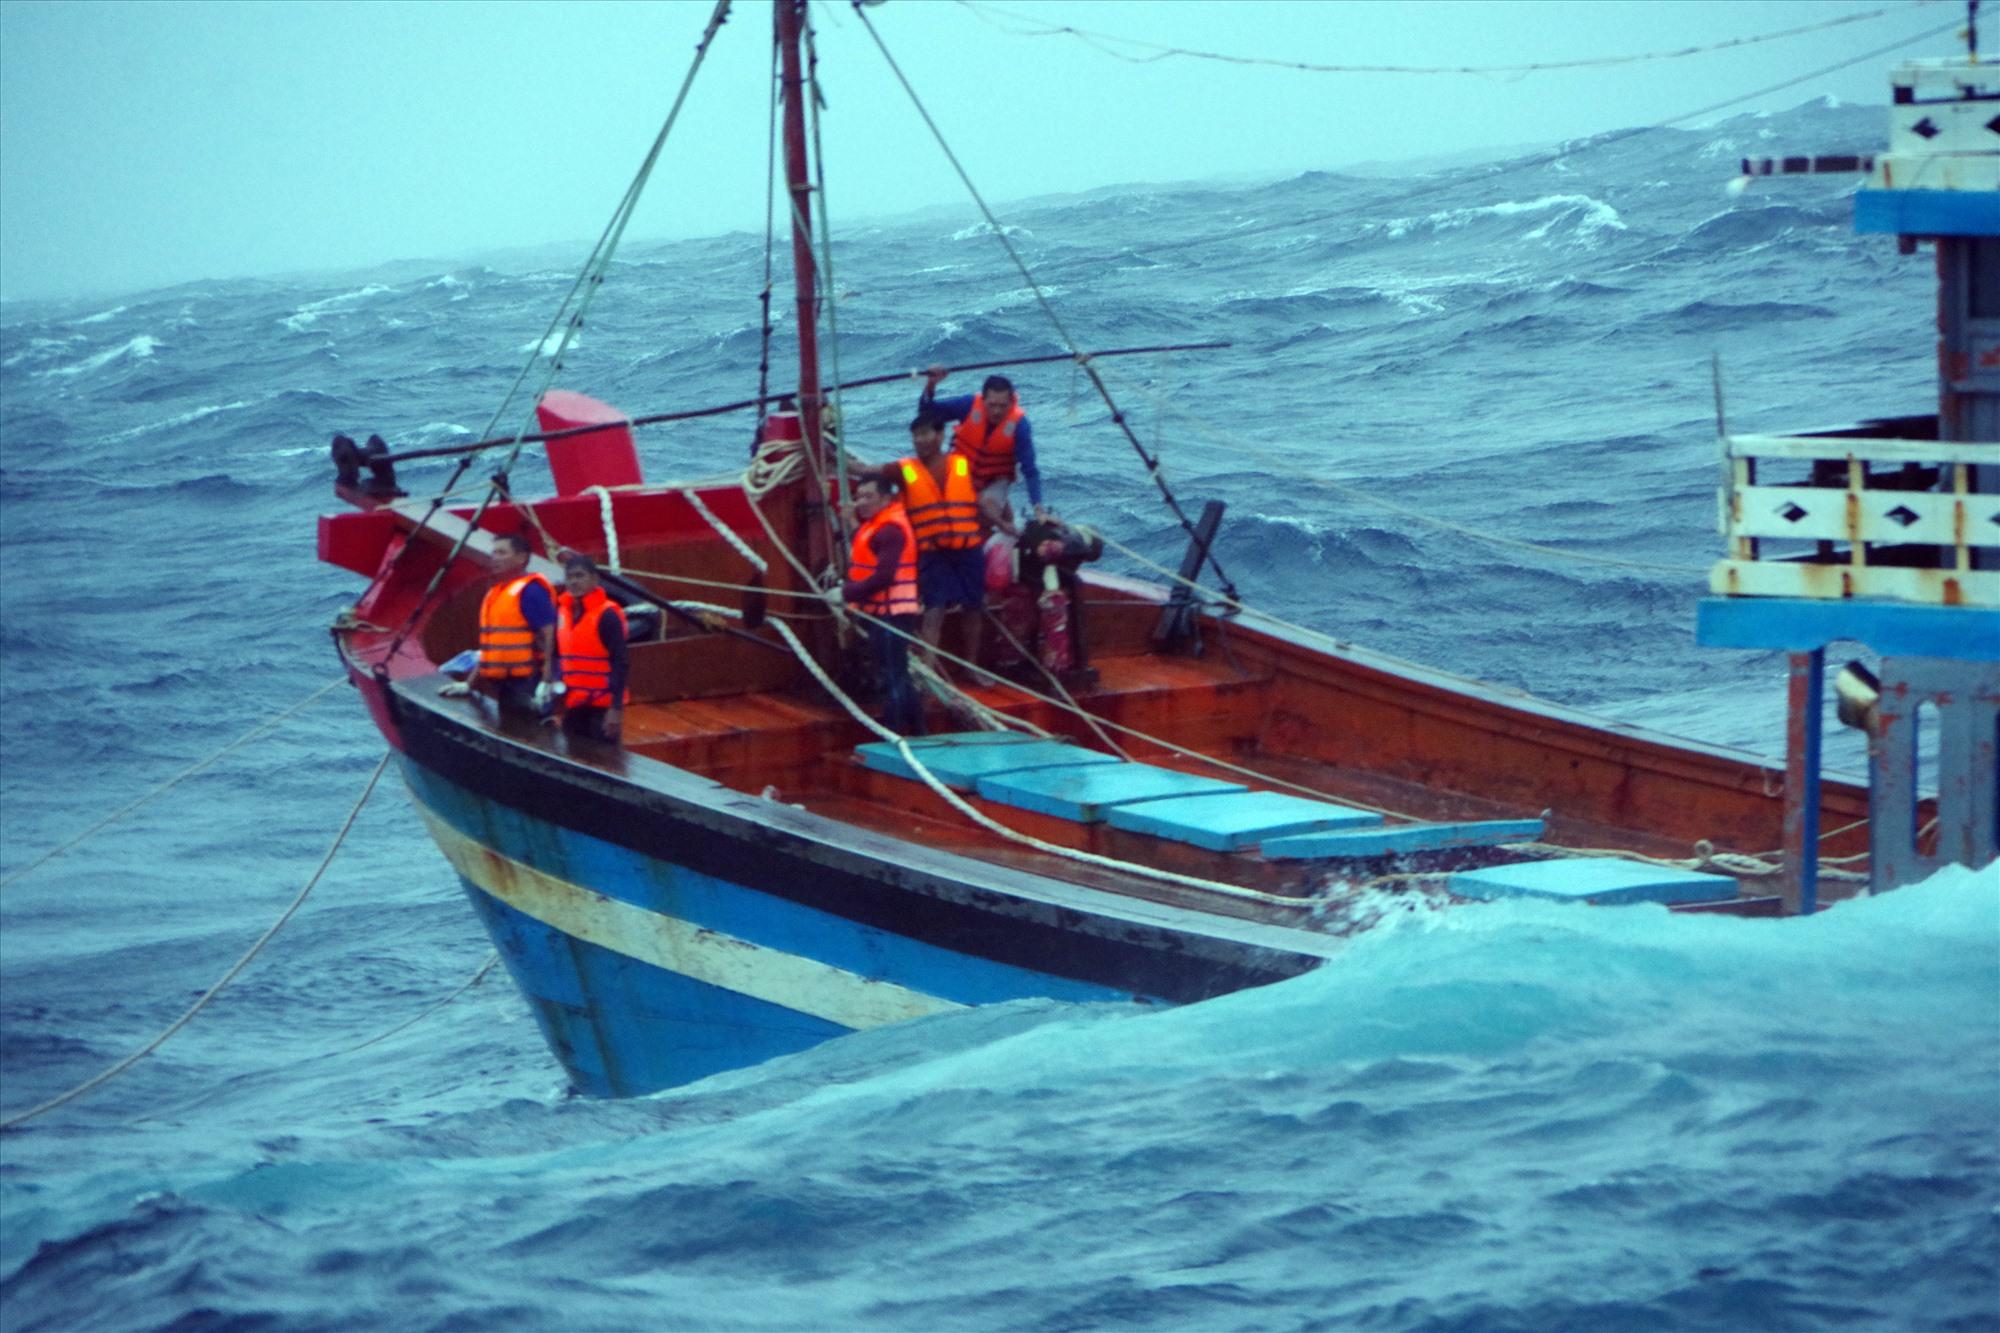 Năm ngư dân trên tàu cá Quảng Ngãi được ứng cứu an toàn. Ảnh: N.T